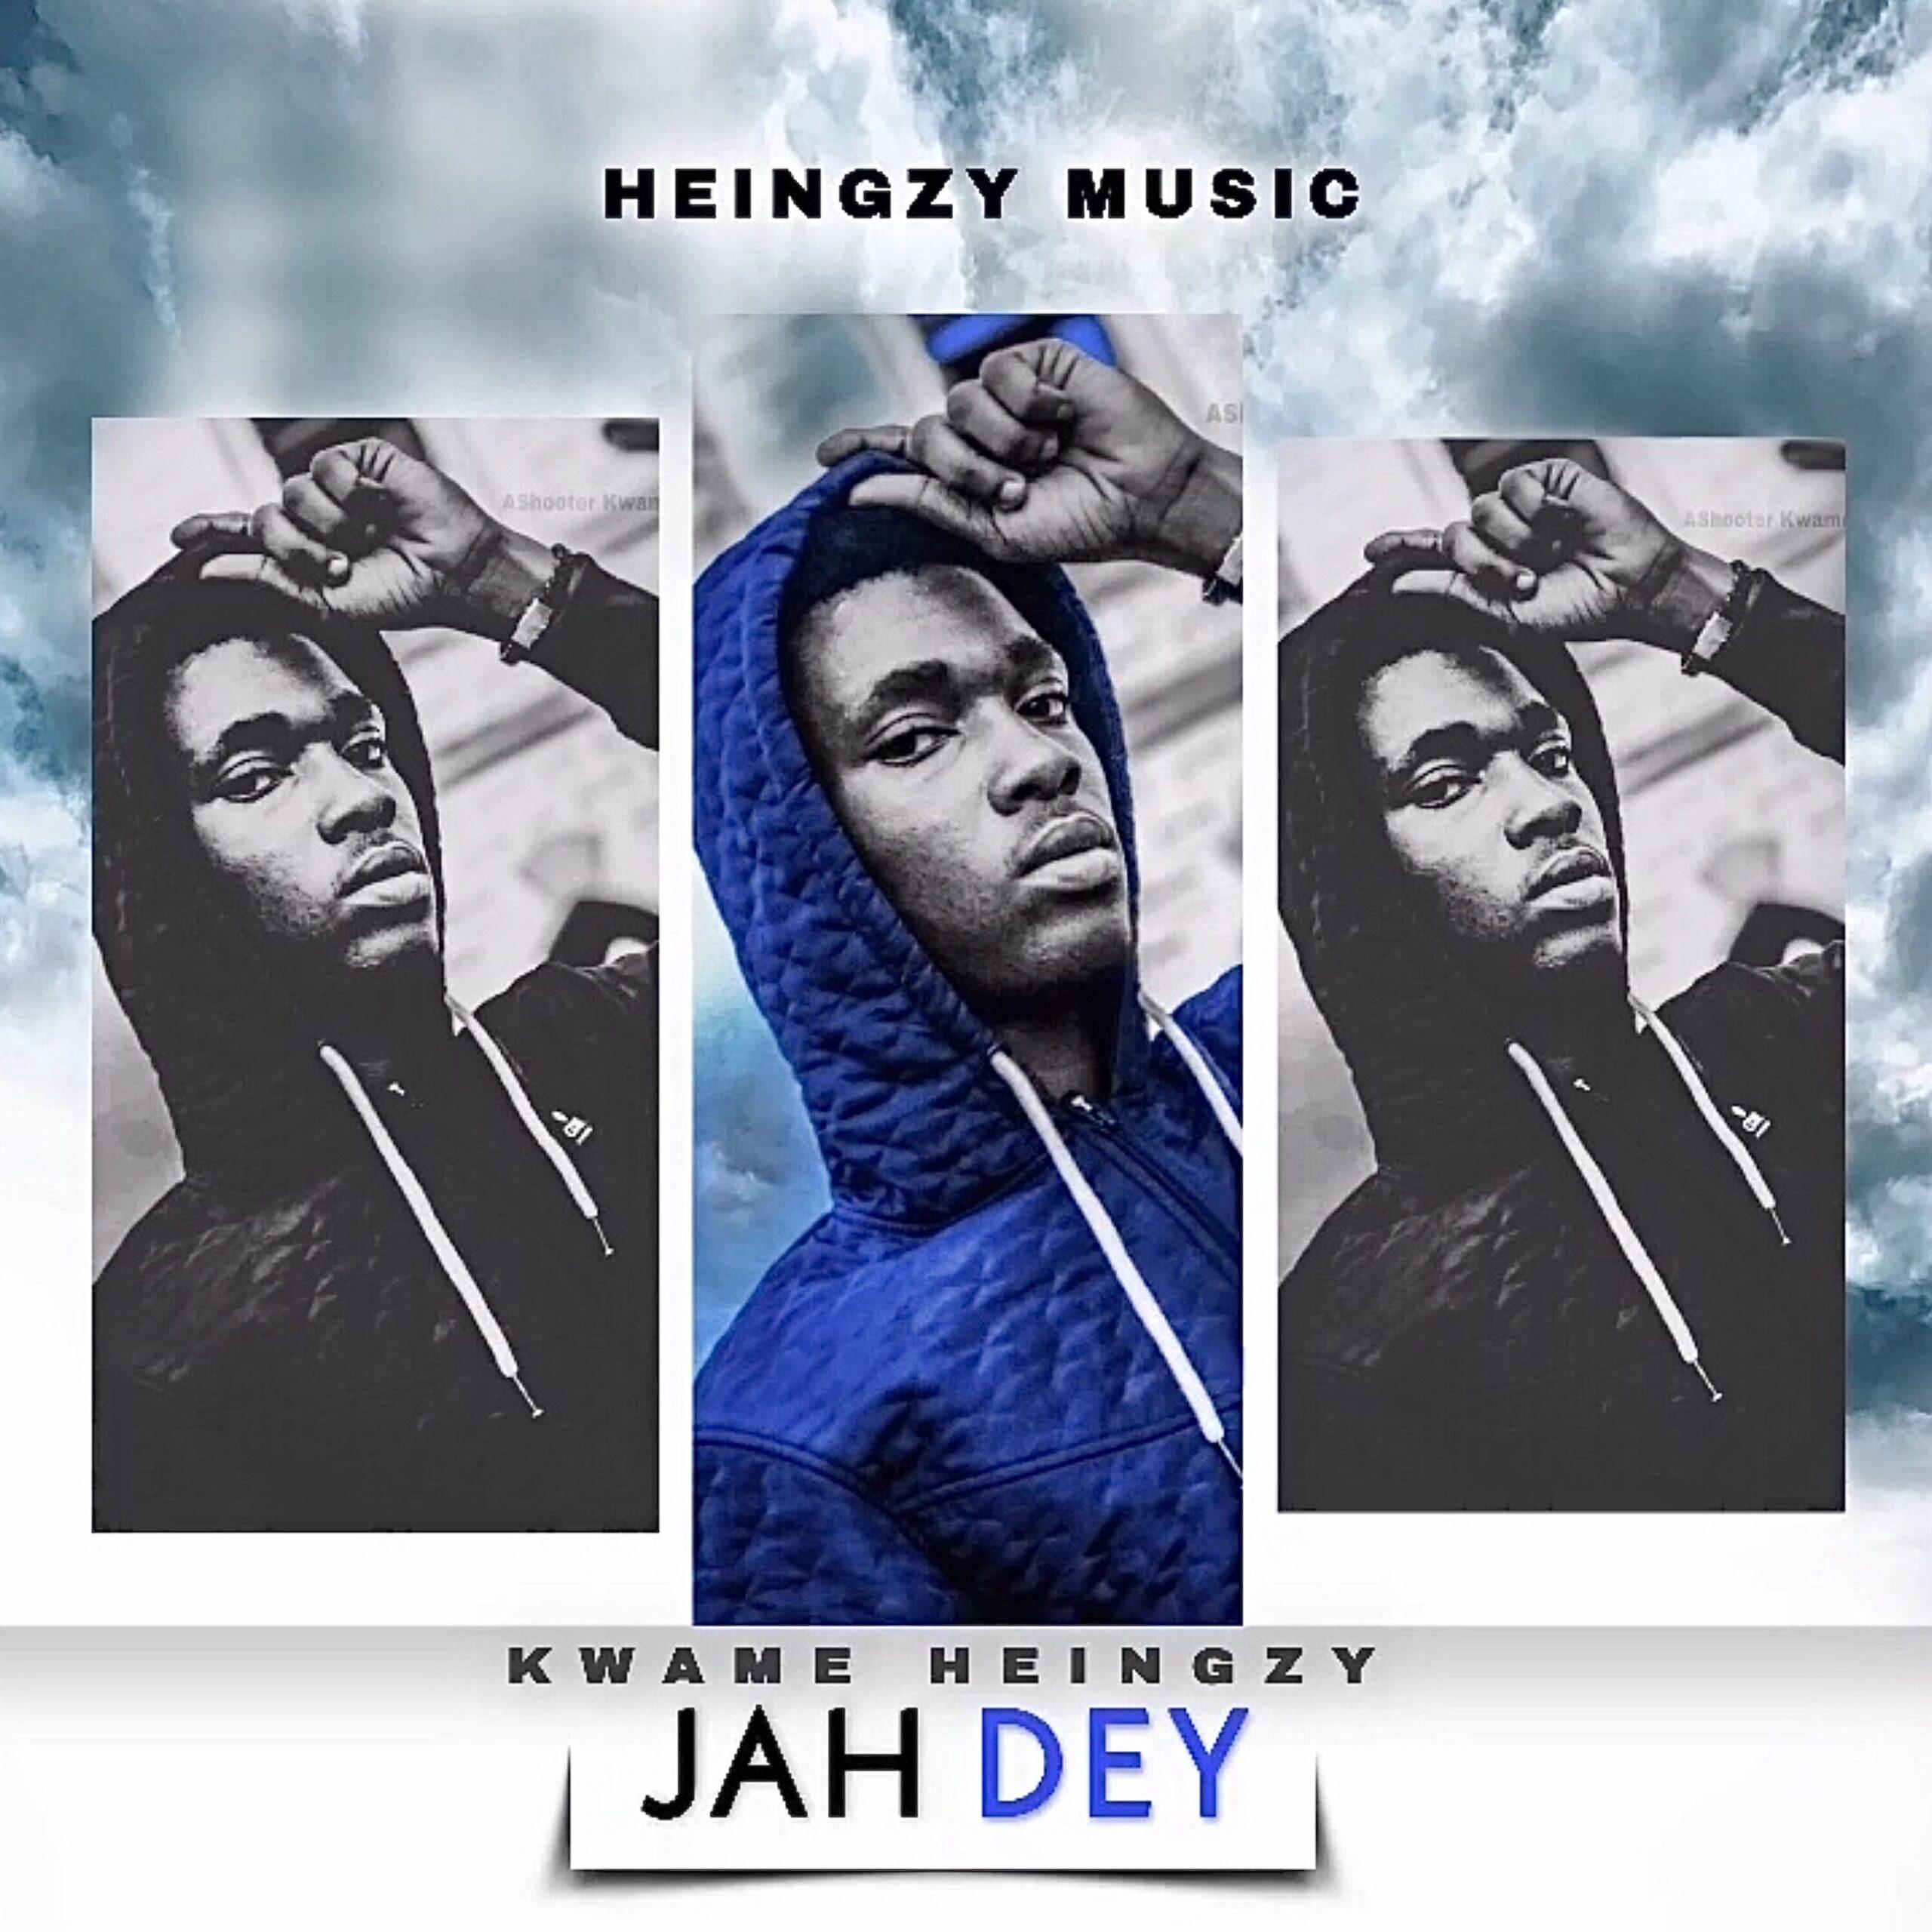 Kwame Heingzy – Jah Dey